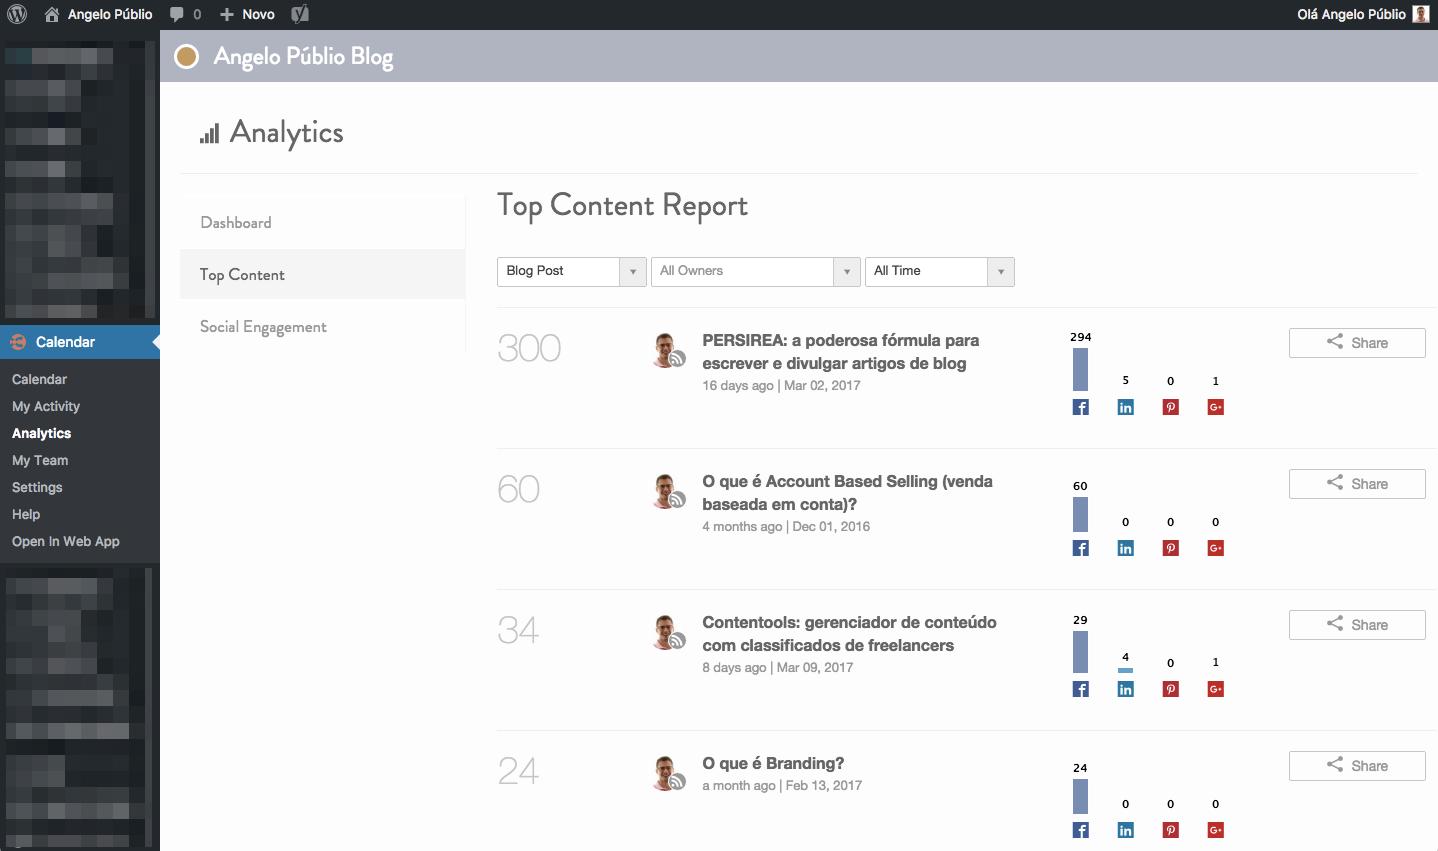 CoSchedule - Relatório de Conteúdo Top - Facilmente re-compartilhe os conteúdos mais engajados